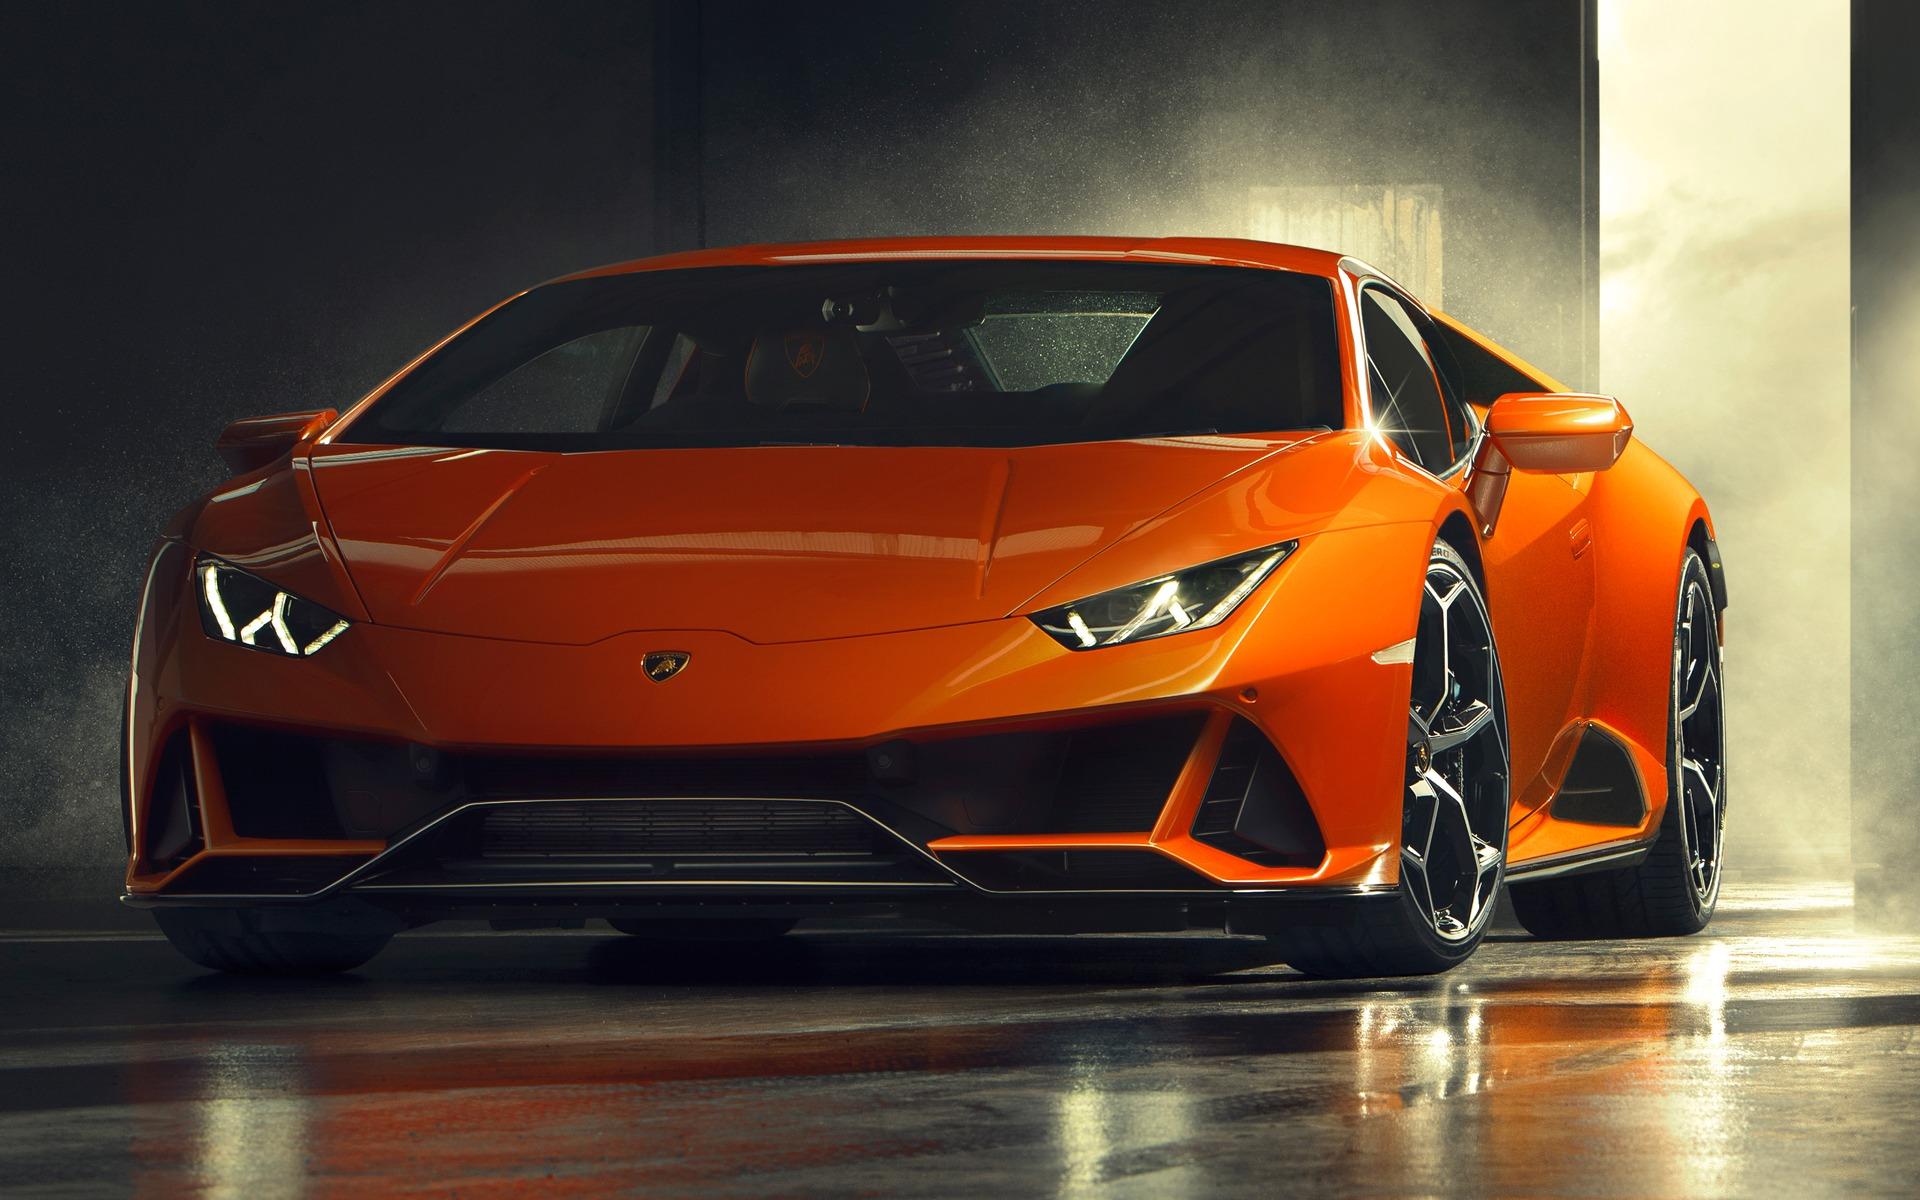 Lamborghini Huracán EVO 2019 : revue et corrigée 361959_2019_Lamborghini_Huracan